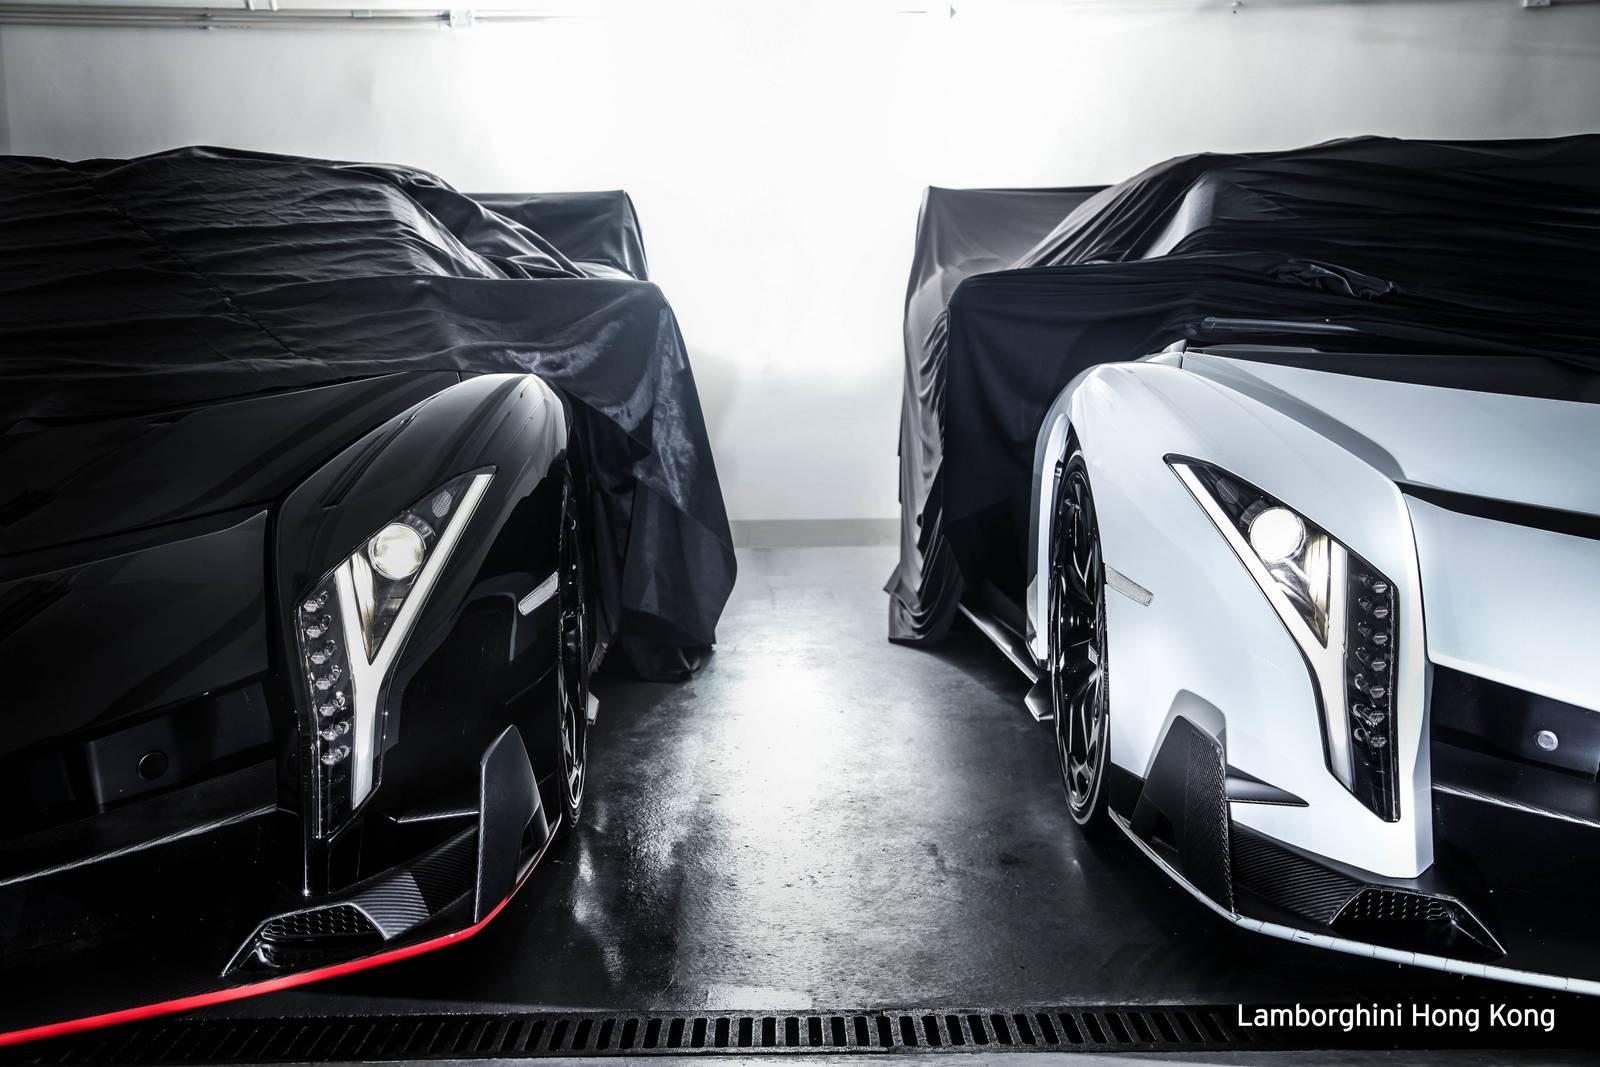 Два новых родстера Lamborghini Veneno доставлены в Гонконг